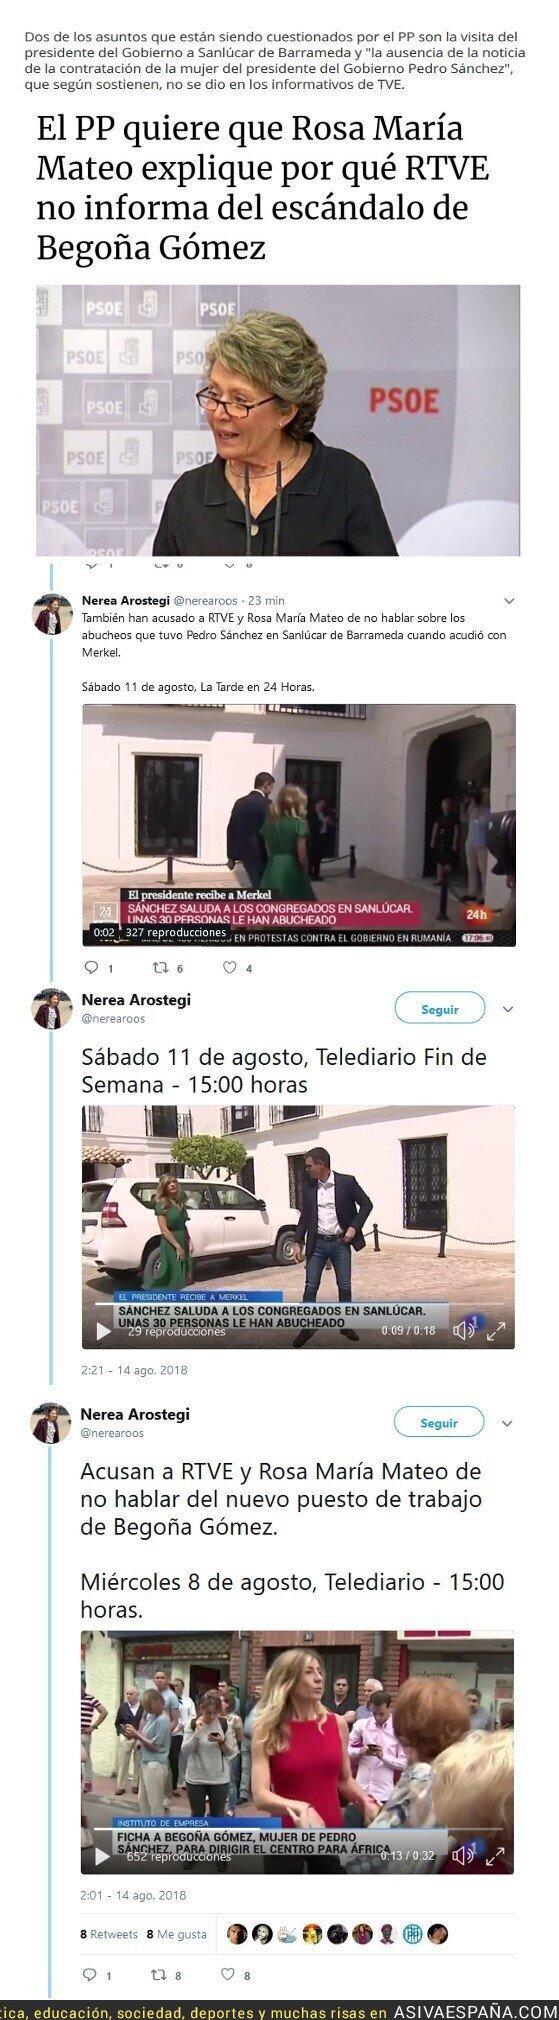 91141 - El PP acusa a RTVE de no informar sobre los abucheos a Sáncez ni la contratacíon de Begoña Gómez.